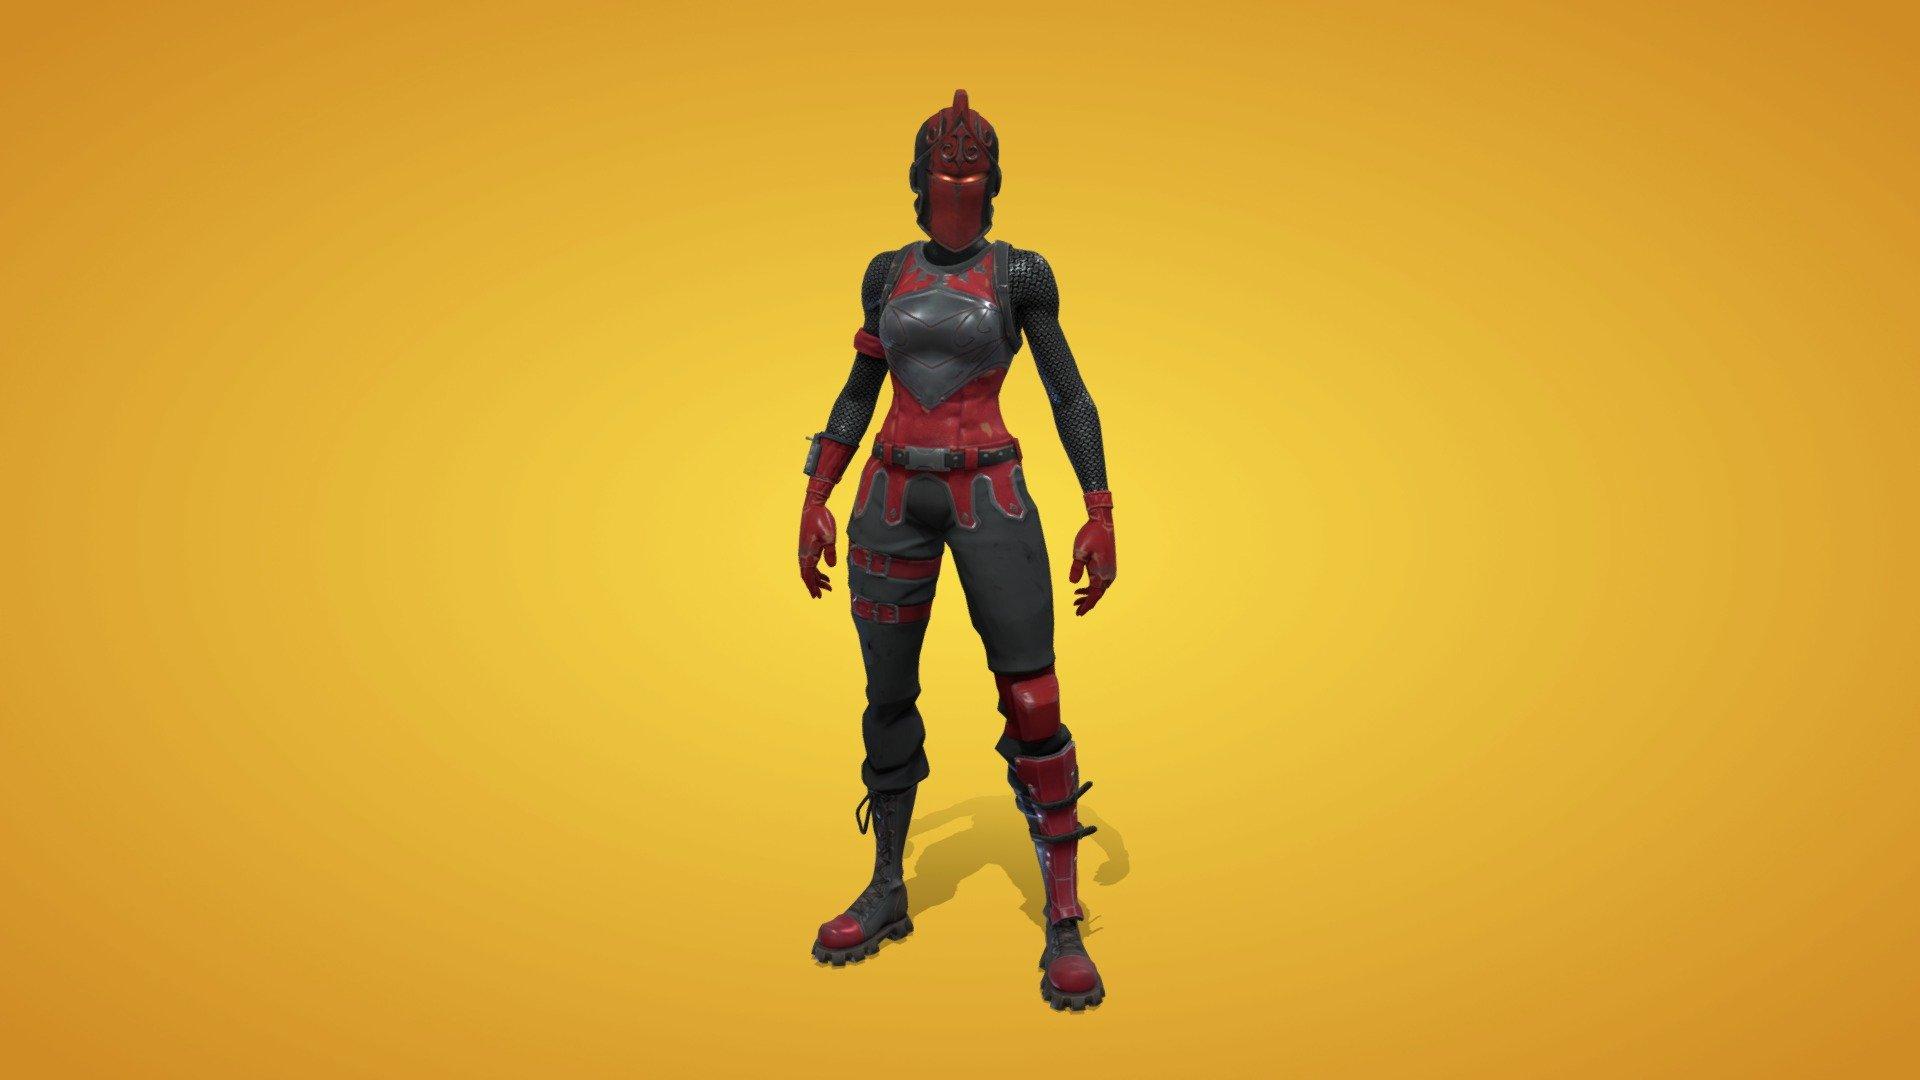 Red Knight Outfit 3d Model By Fortnite Skins Fortniteskins 0847566 Sketchfab